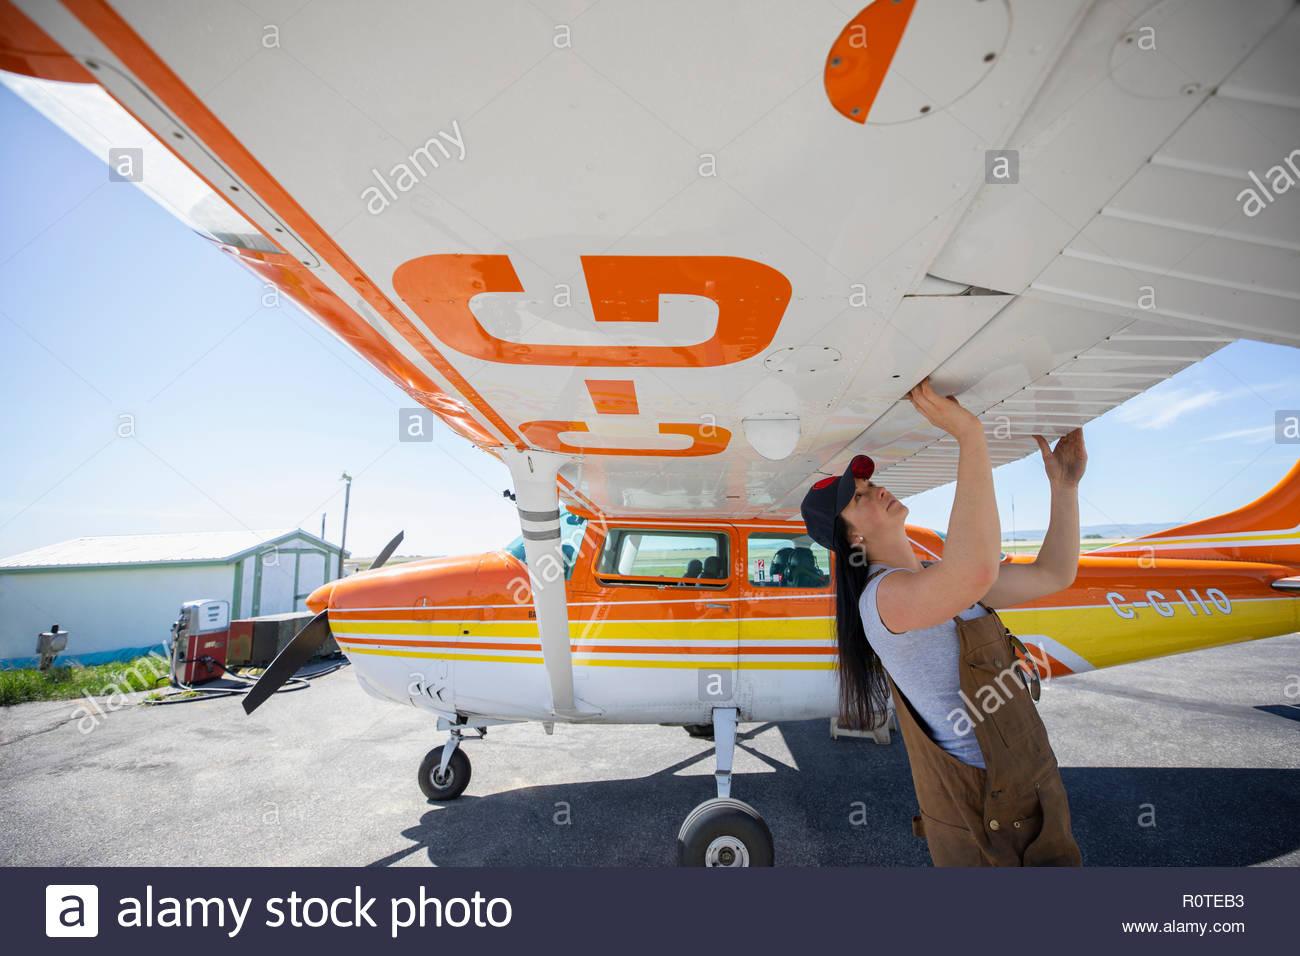 Ingénieur vérification du sexe féminin de l'avion sur le tarmac de l'hélice Photo Stock